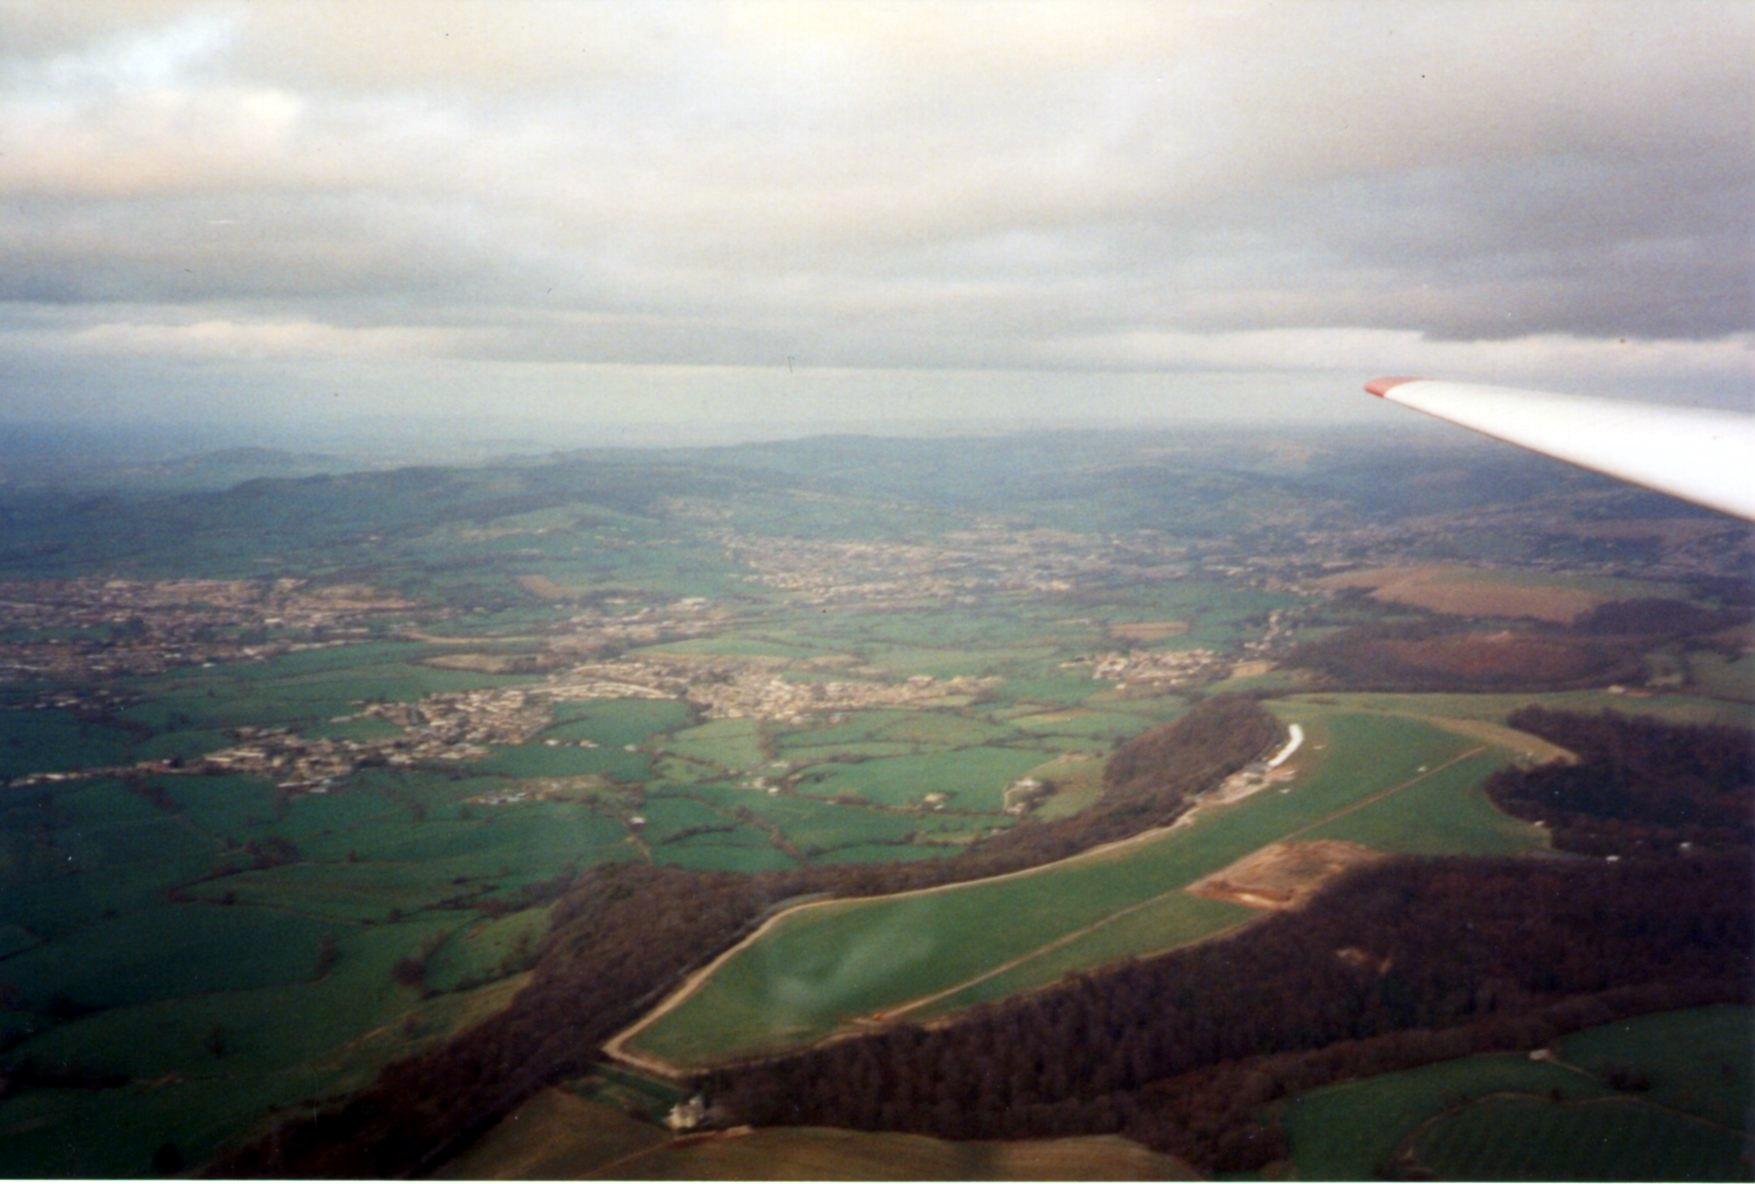 BGGC airfield